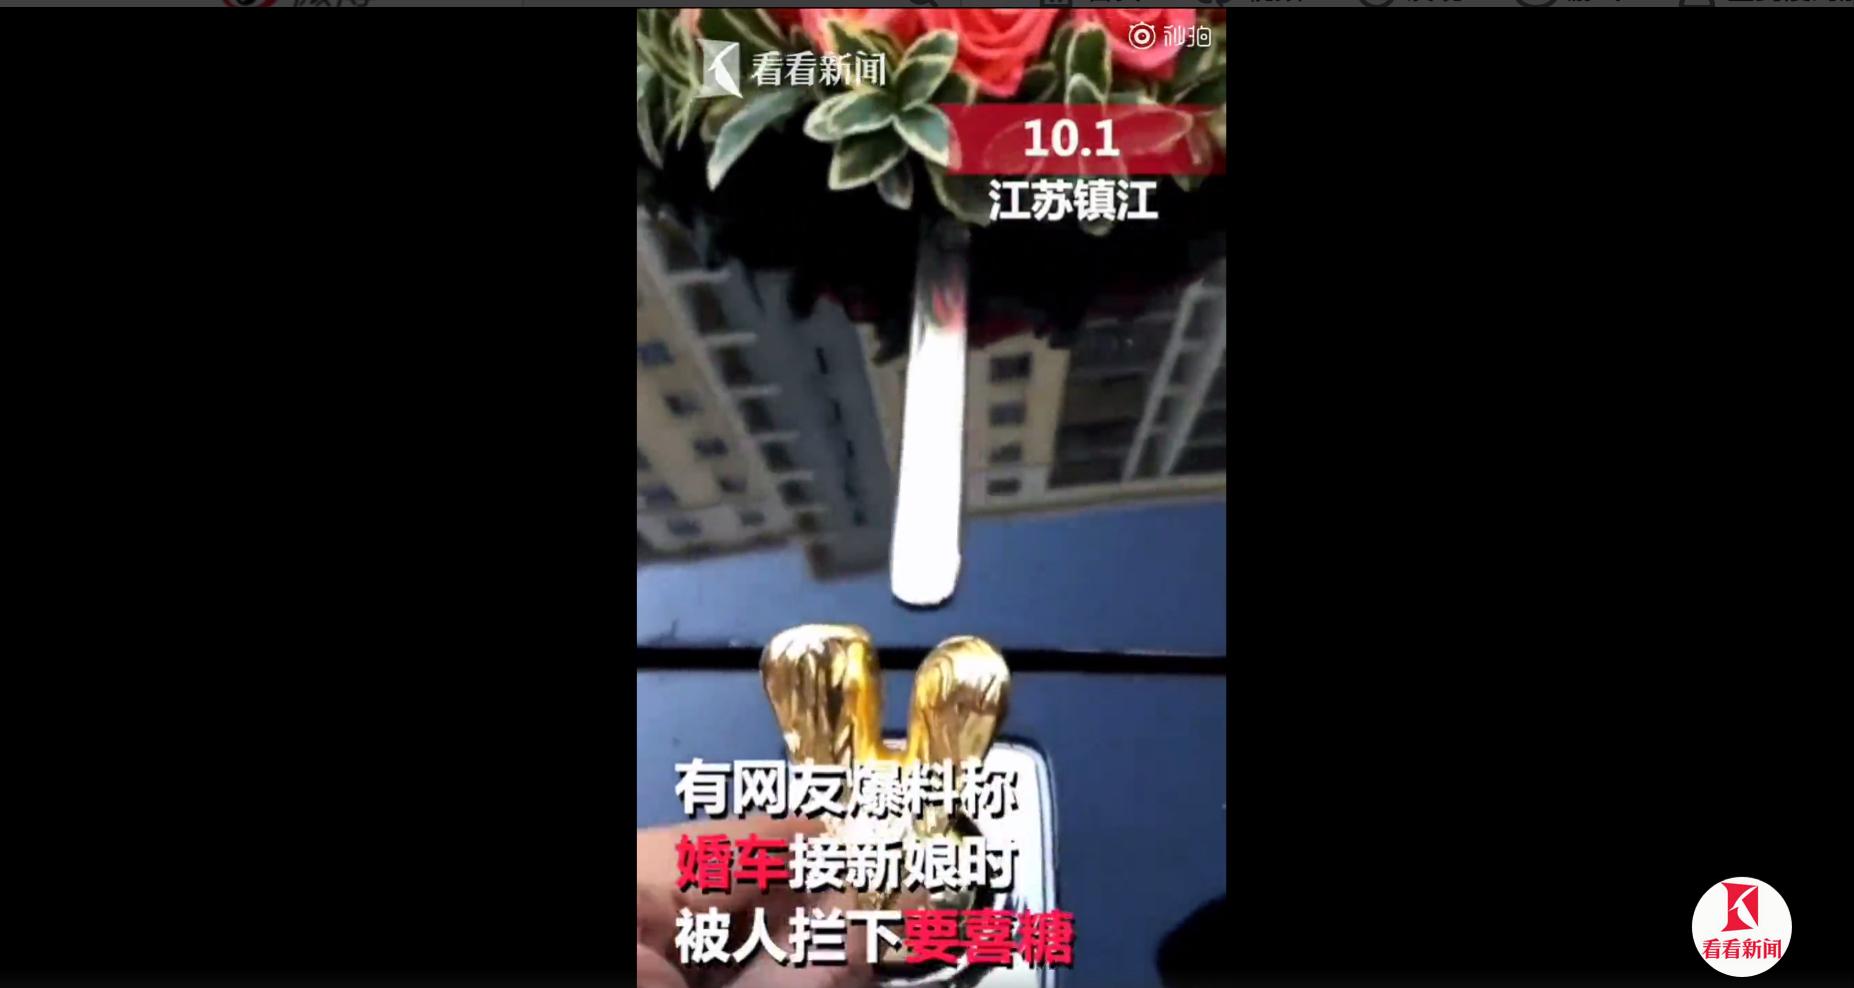 江苏:男子拦婚车讨喜糖 将劳斯莱斯飞天女神车标折断